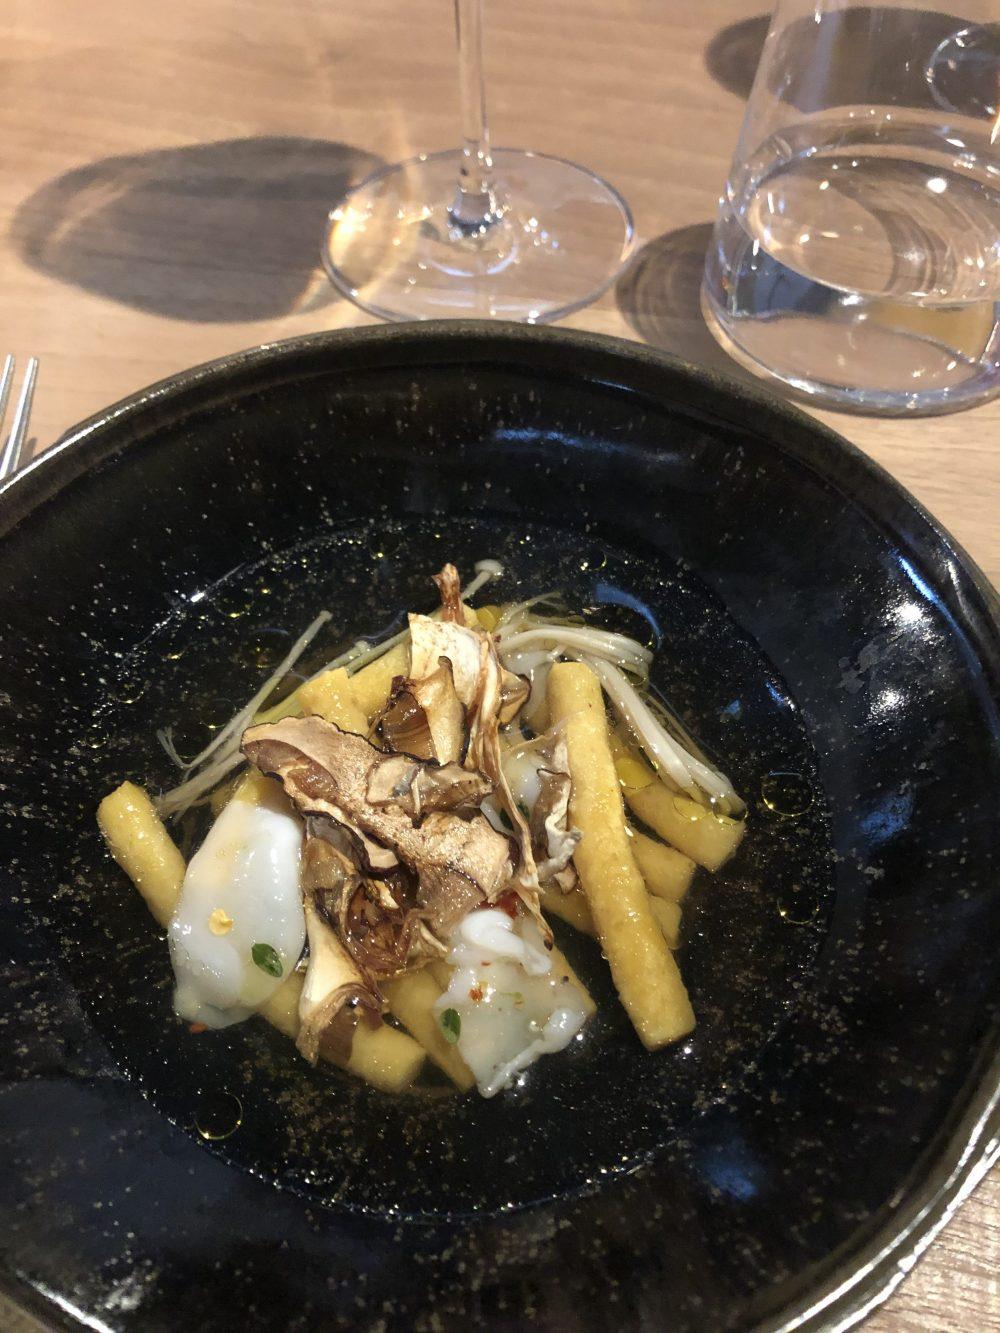 Passatelli in brodo di gallina con funghi enoki e calamari crudi